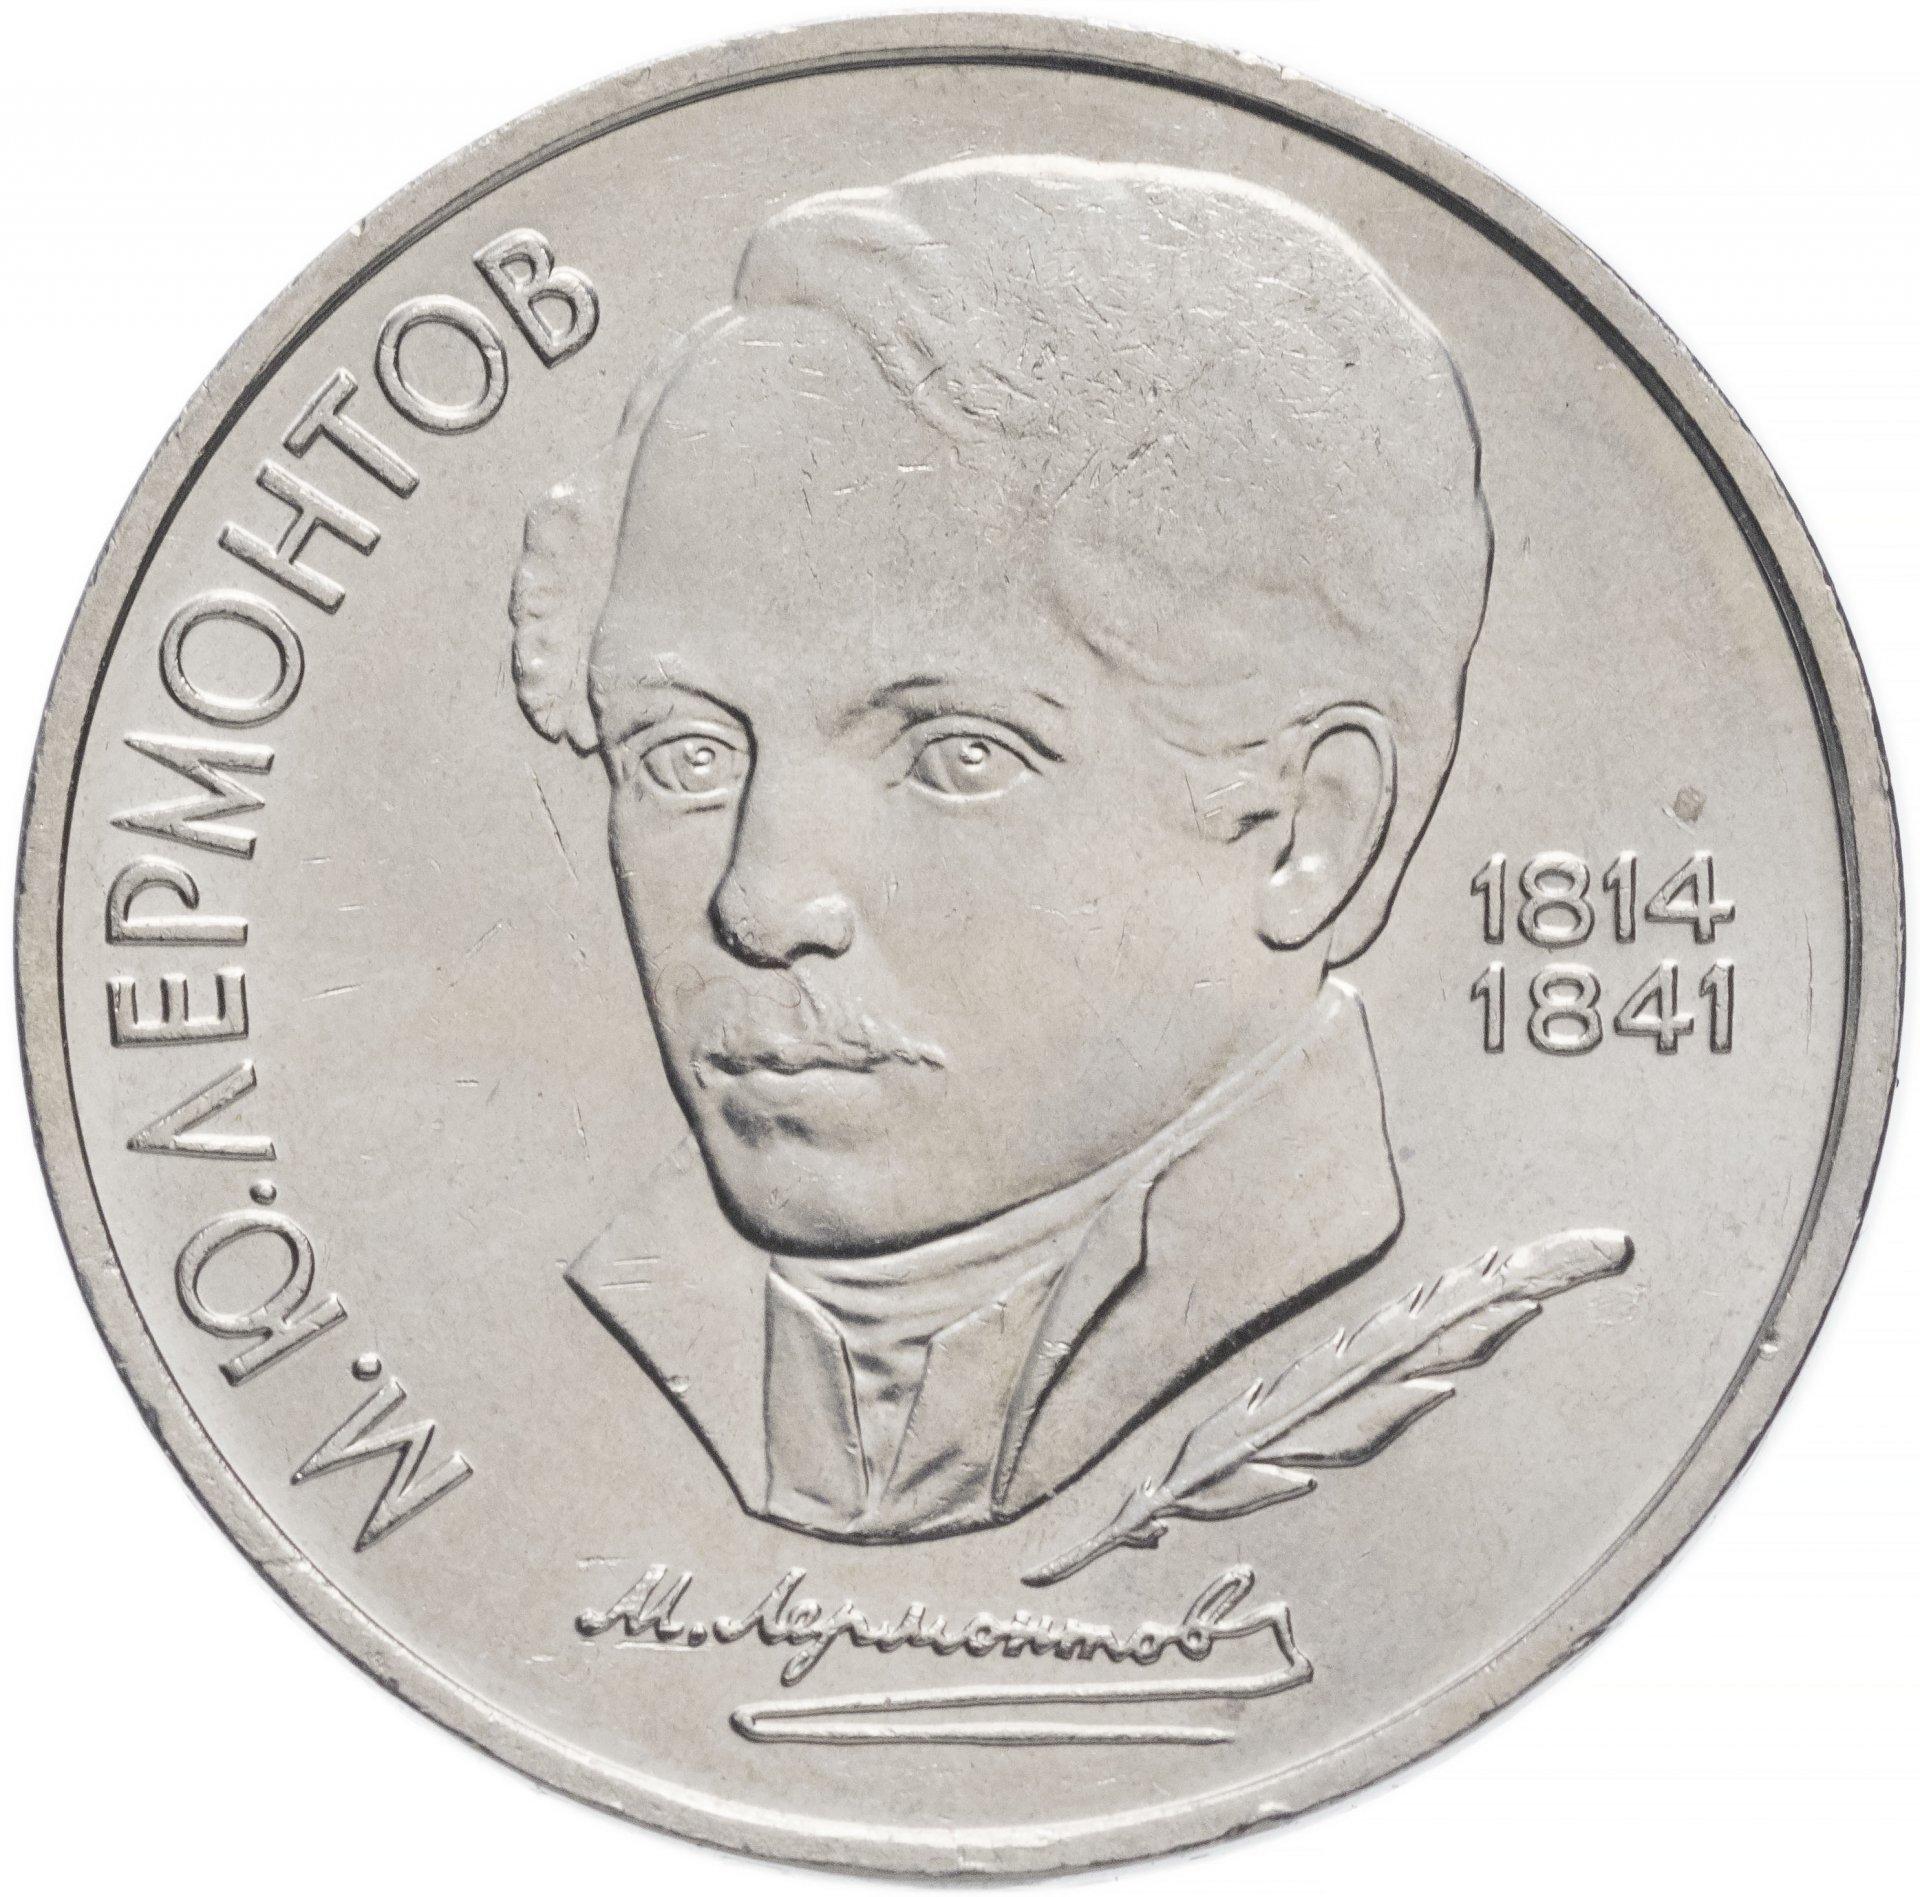 1 рубль - Лермонтов